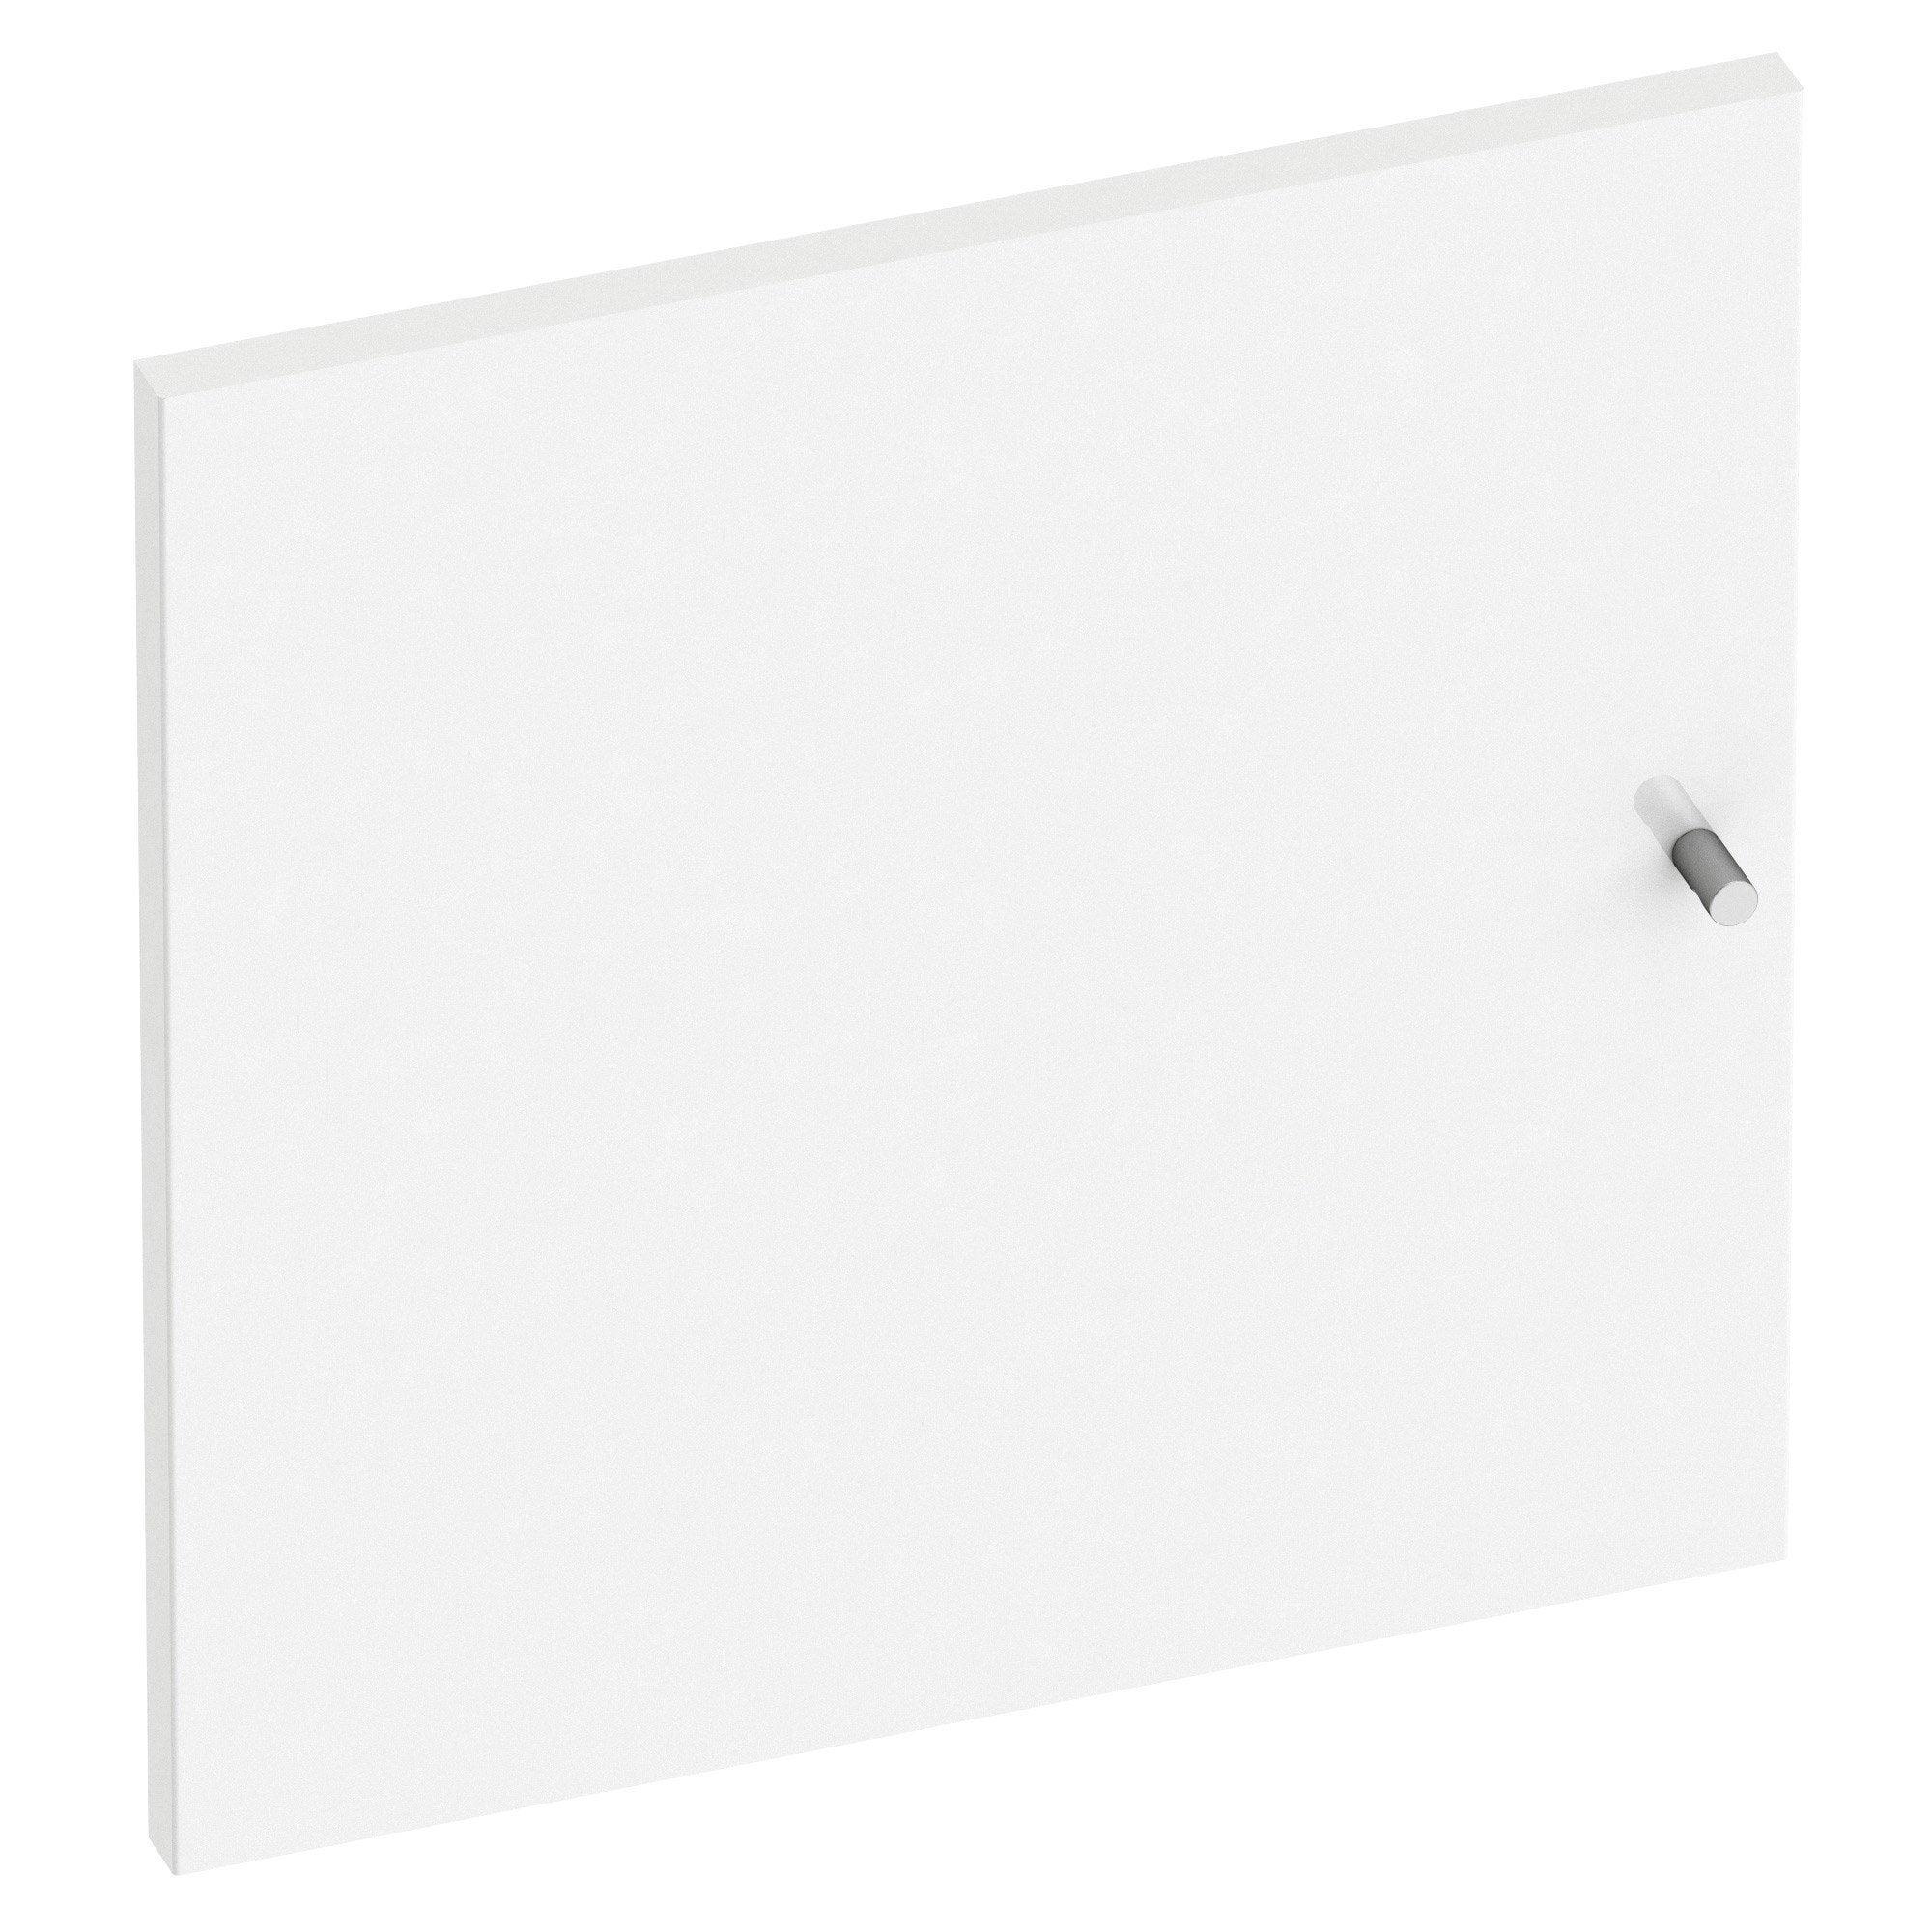 100 Fantastique Concepts Panneau Laqué Blanc Brillant Sur Mesure